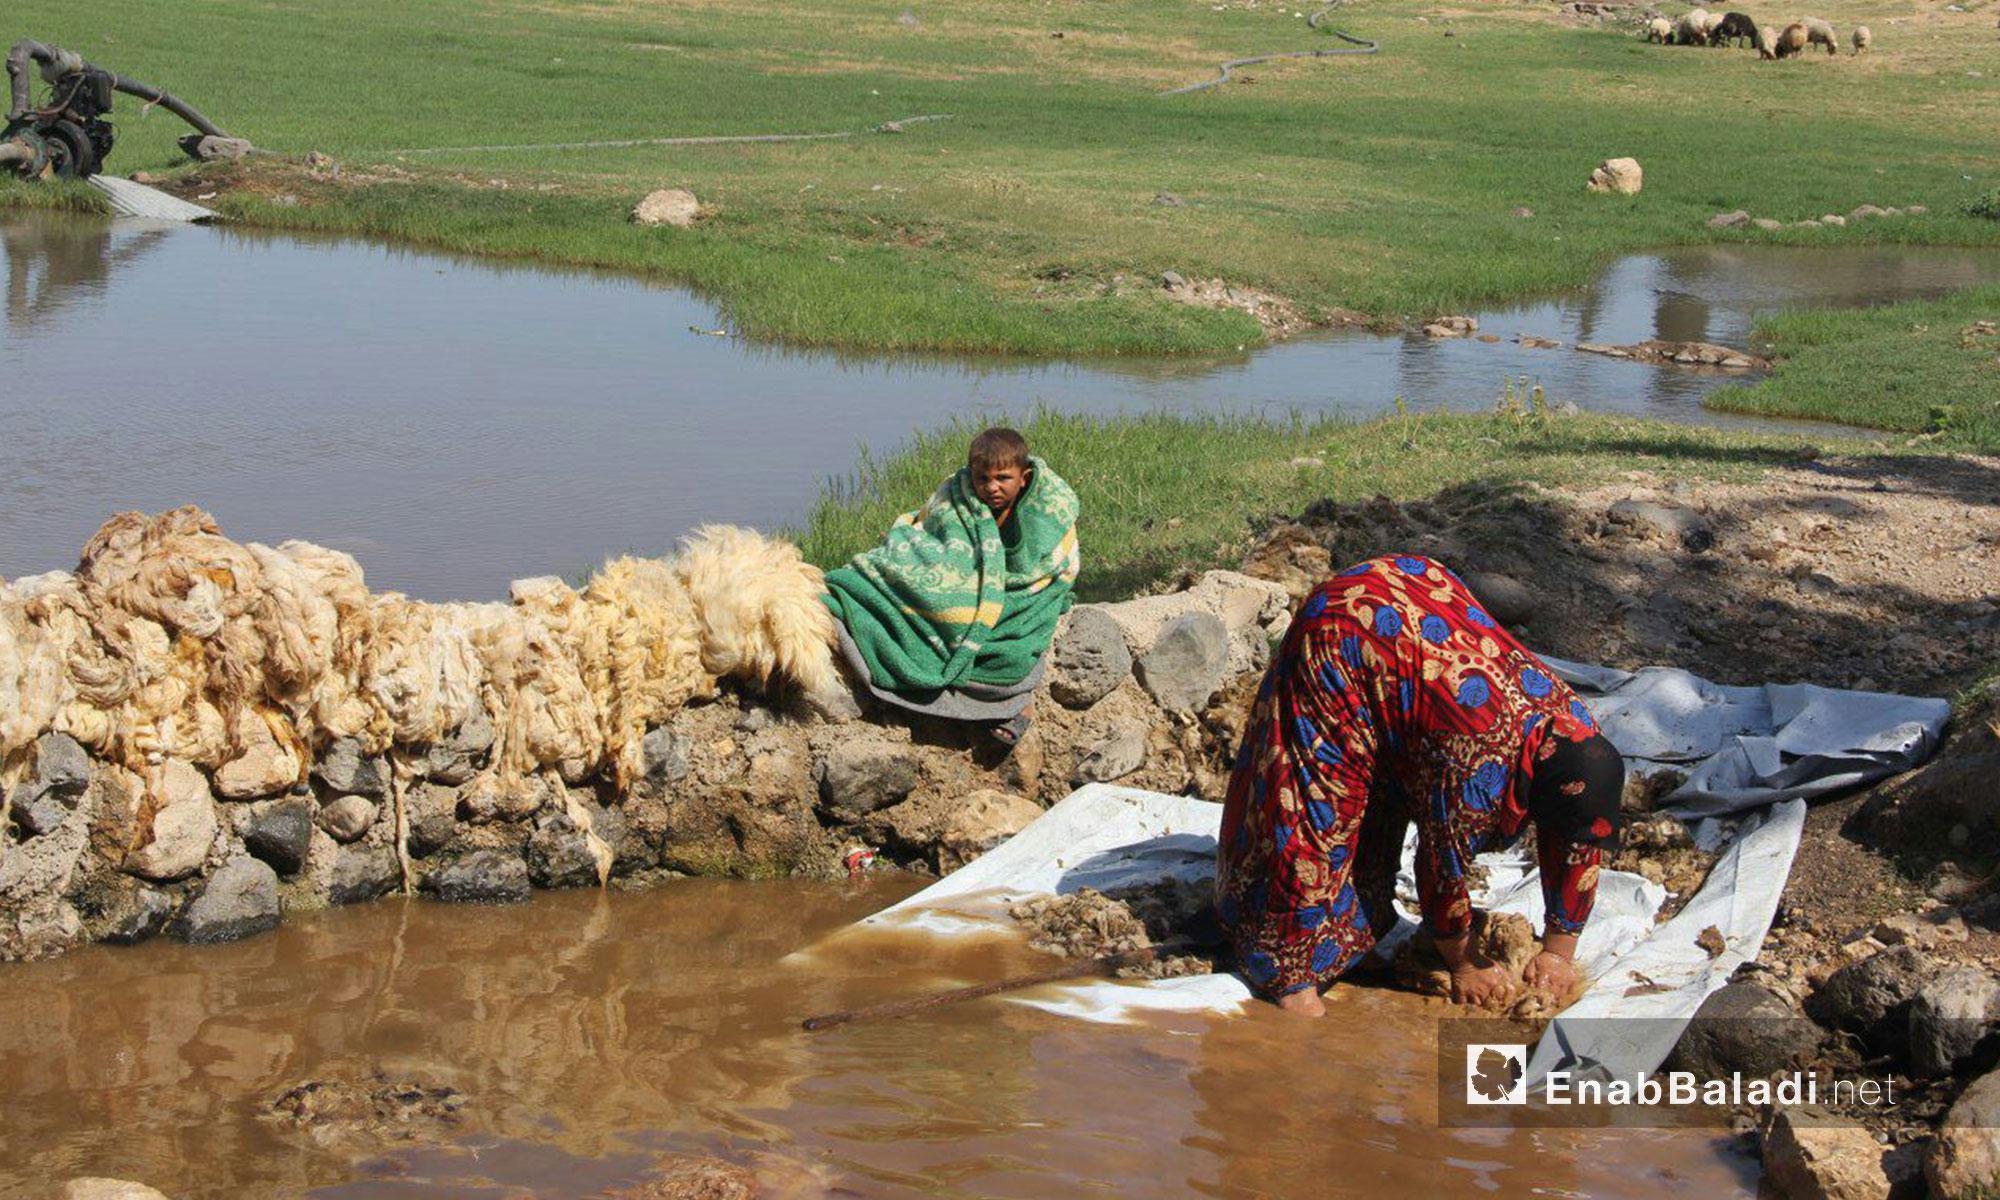 إحدى نساء بلدة قليدين في سهل الغاب بريف حماة تنظف الصوف على إحدى السواقي التي يغذيها بئر البلدة - 9 تموز 2017 (عنب بلدي)